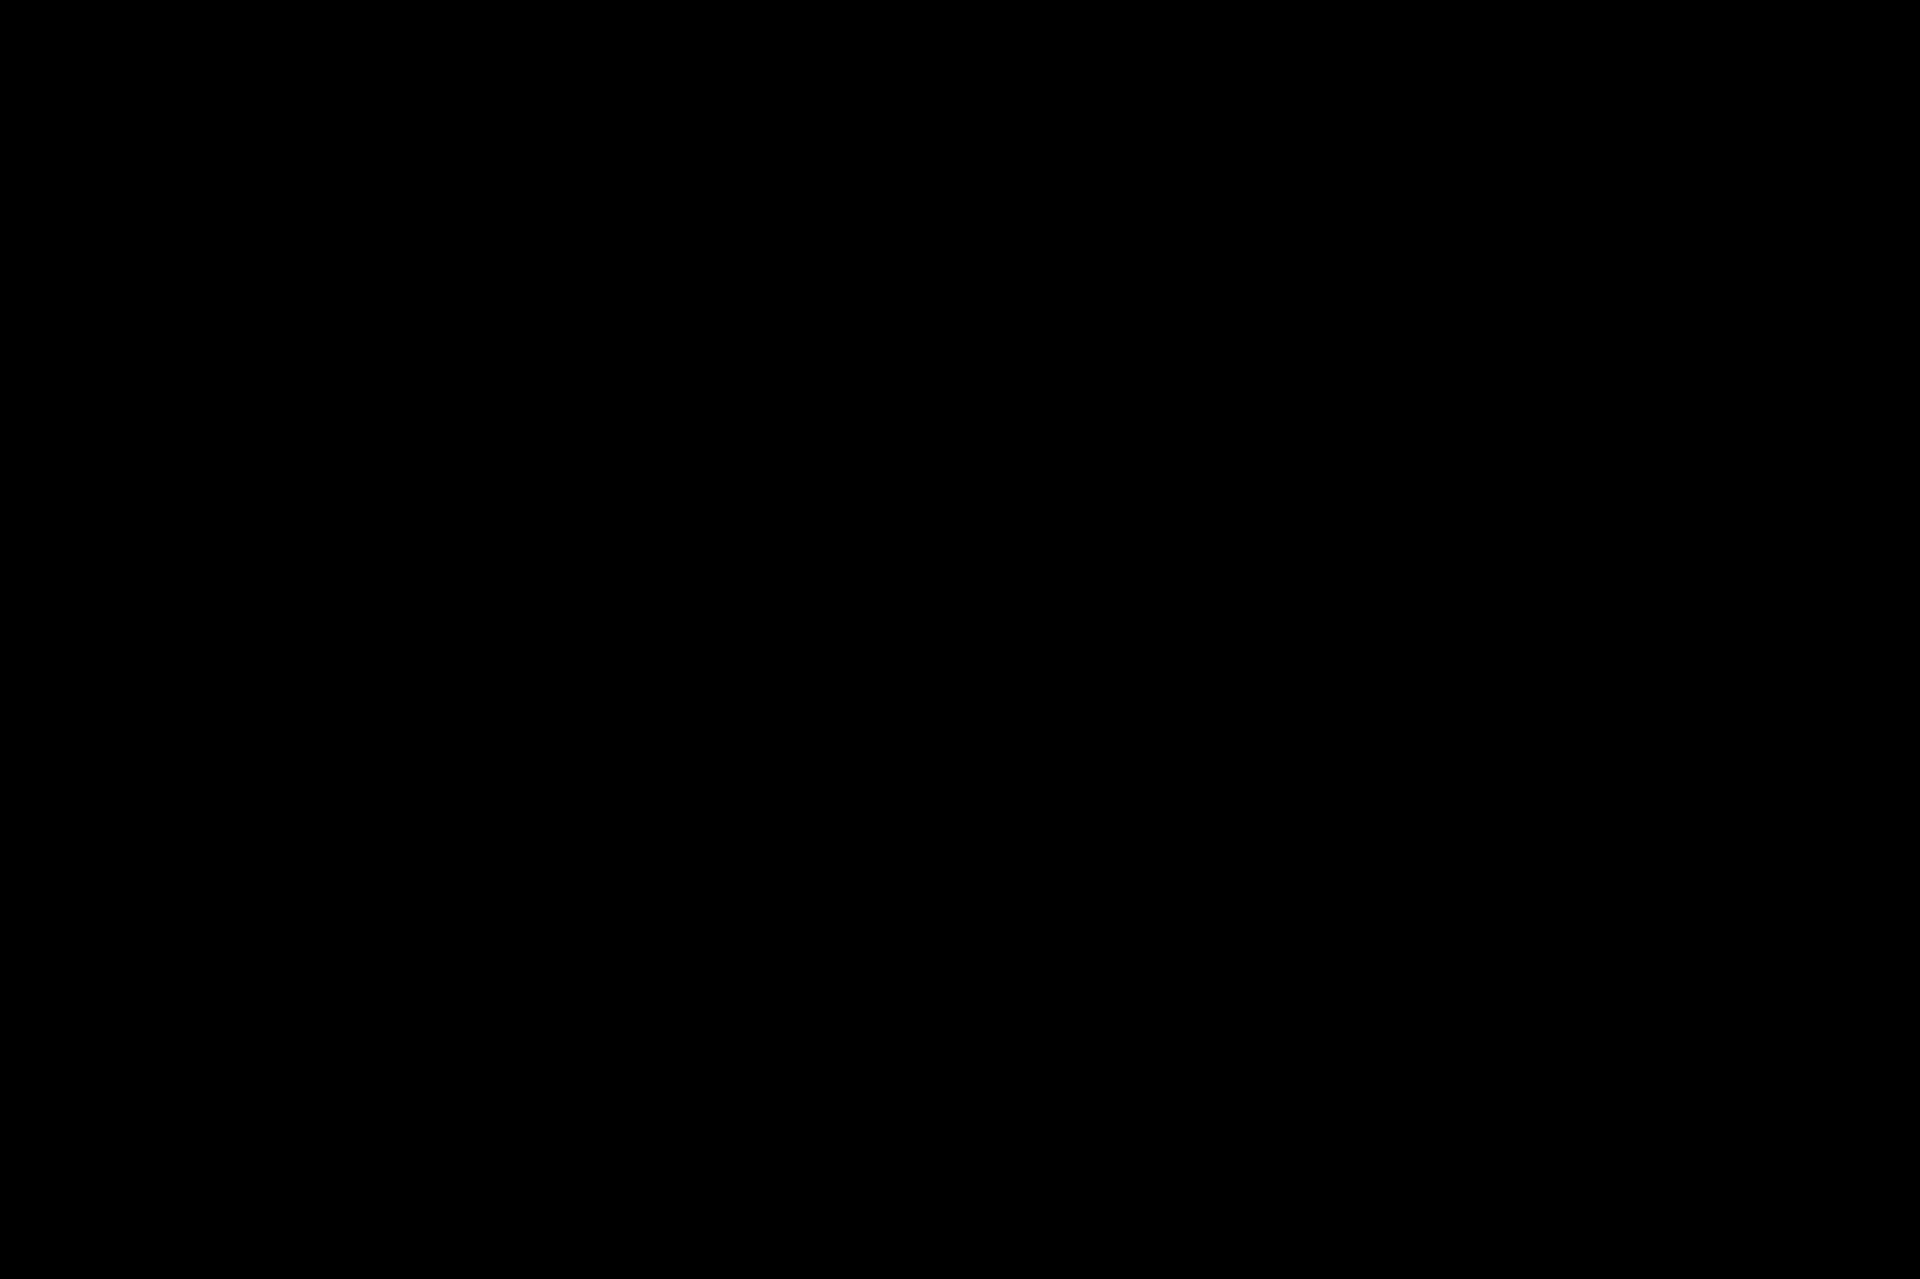 imm cologne Neuheit: Teppich Spacecrafted 3 von Jan Kath